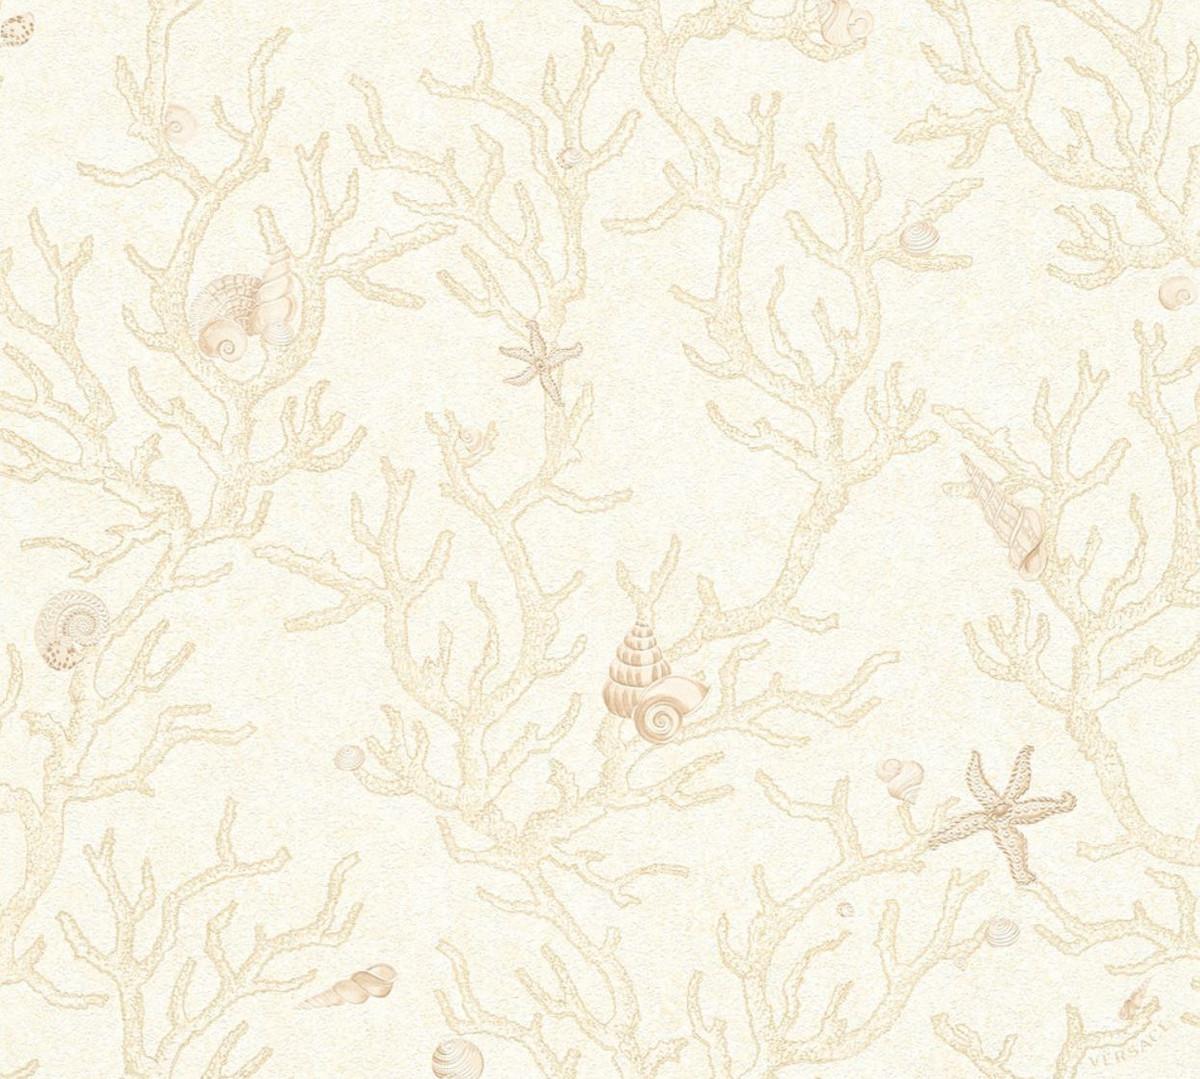 Carta Da Parati Tessuto versace barocco design carta da parati non tessuto carta da parati les  etoiles de la mer 344961 crema / beige metallizzato - carta da parati  design -